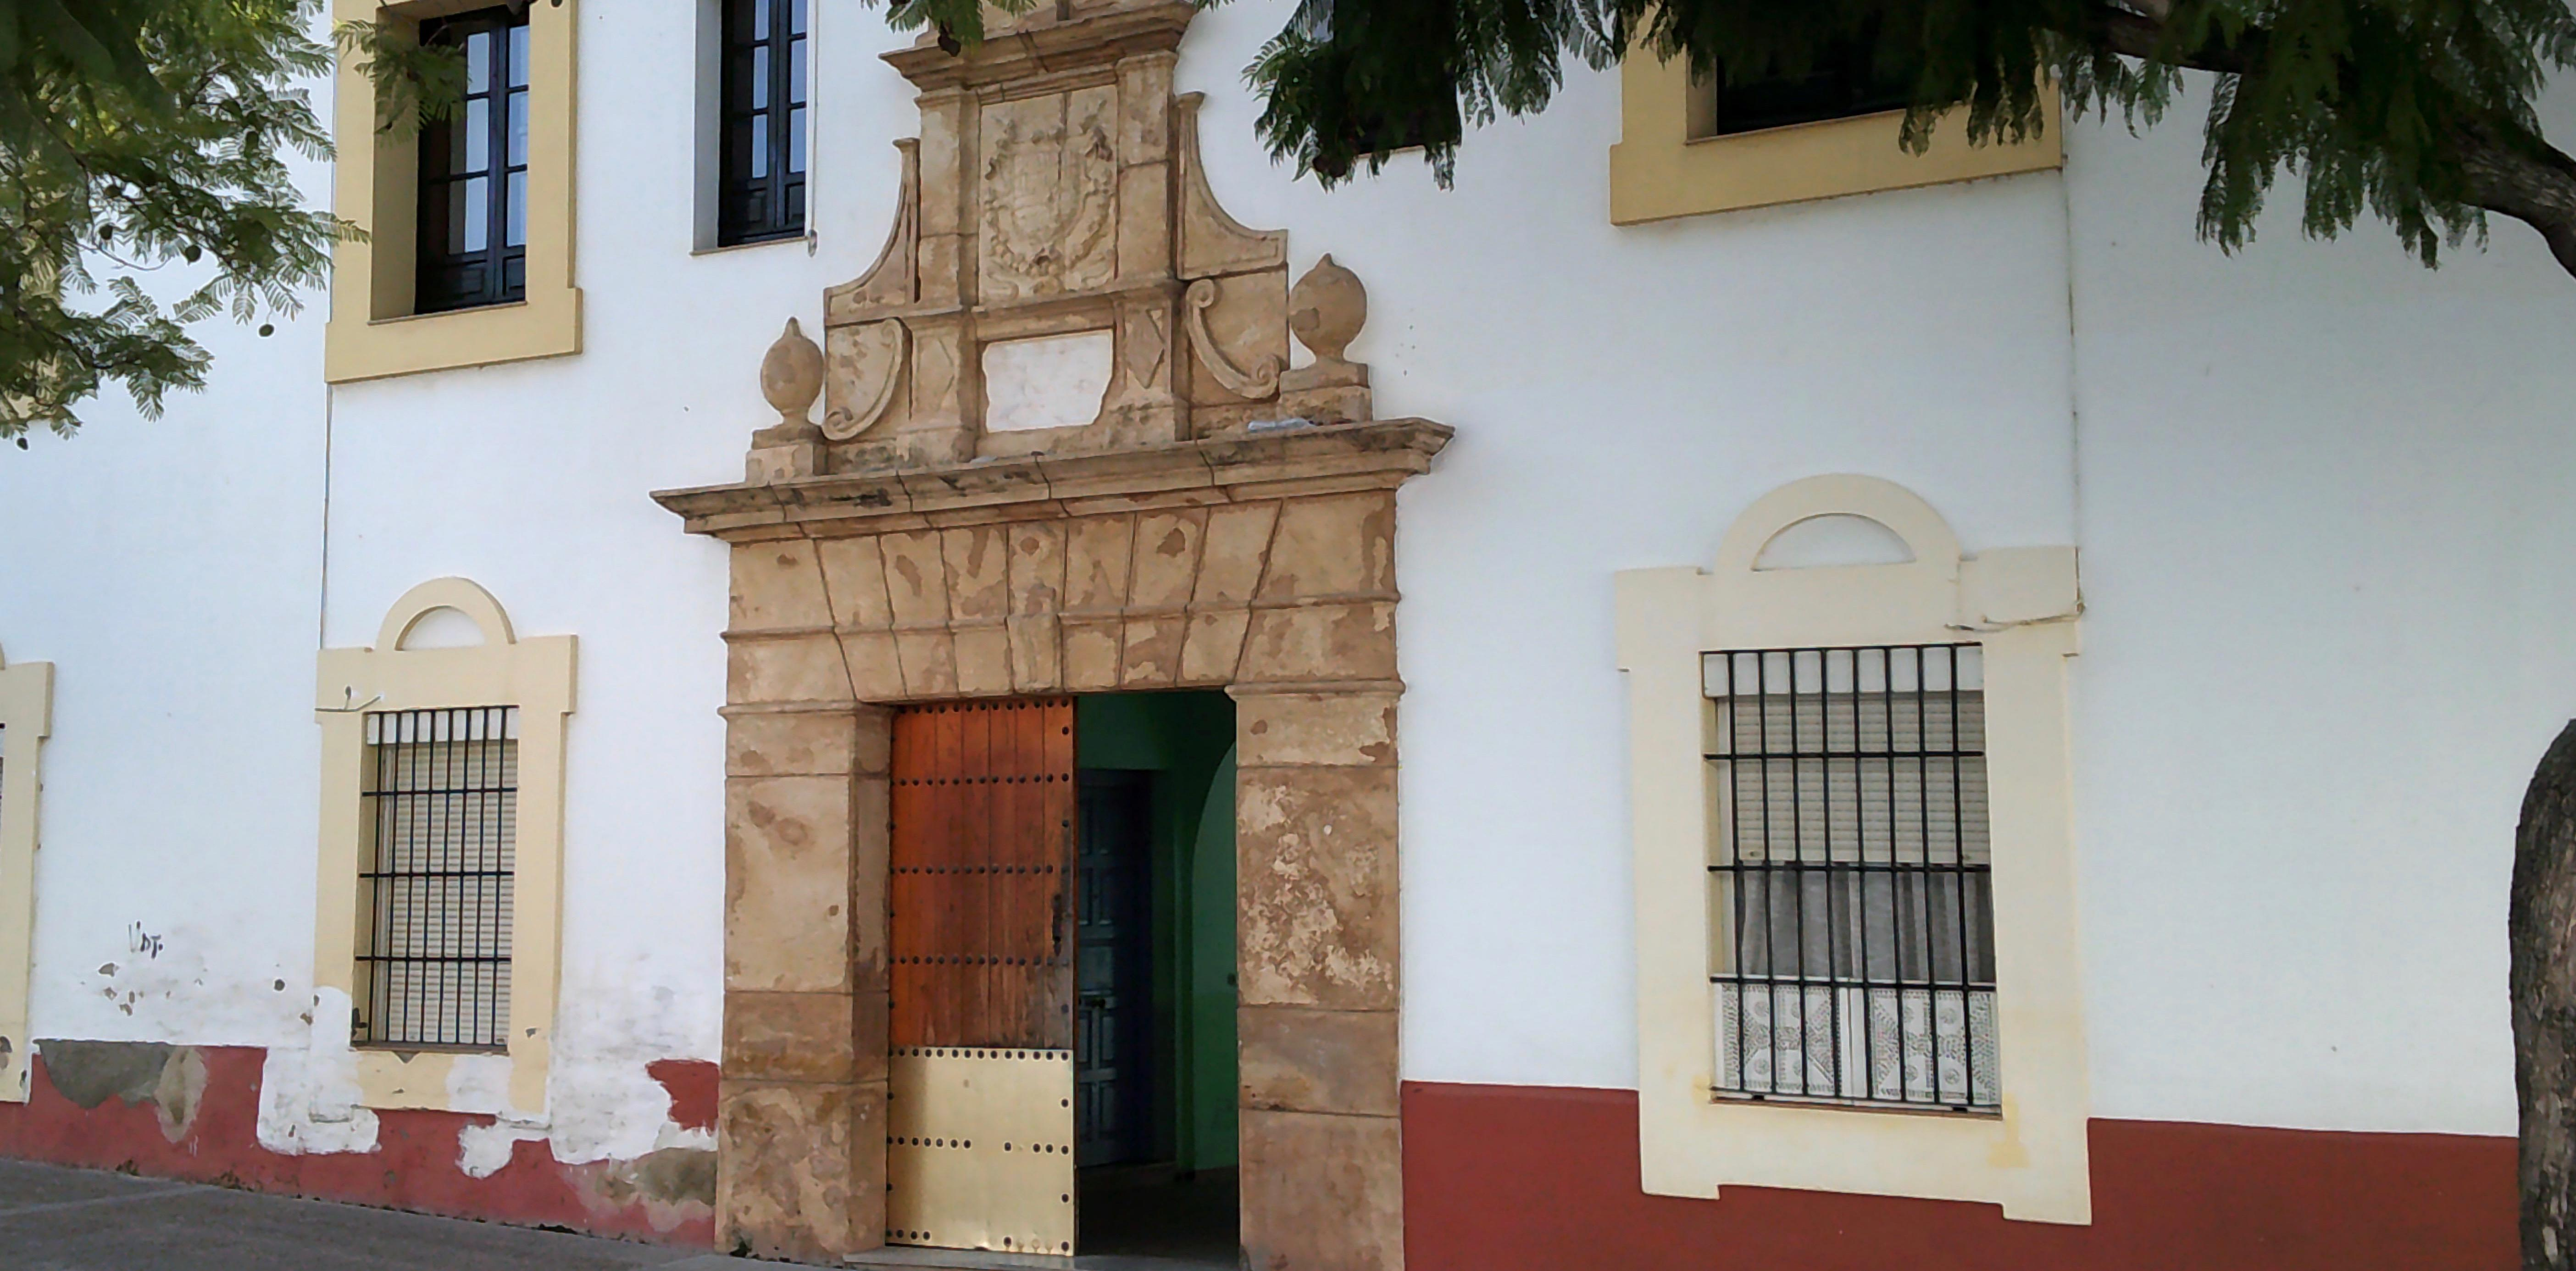 Andalousie: un ancien bar pourrait être une synagogue perdue